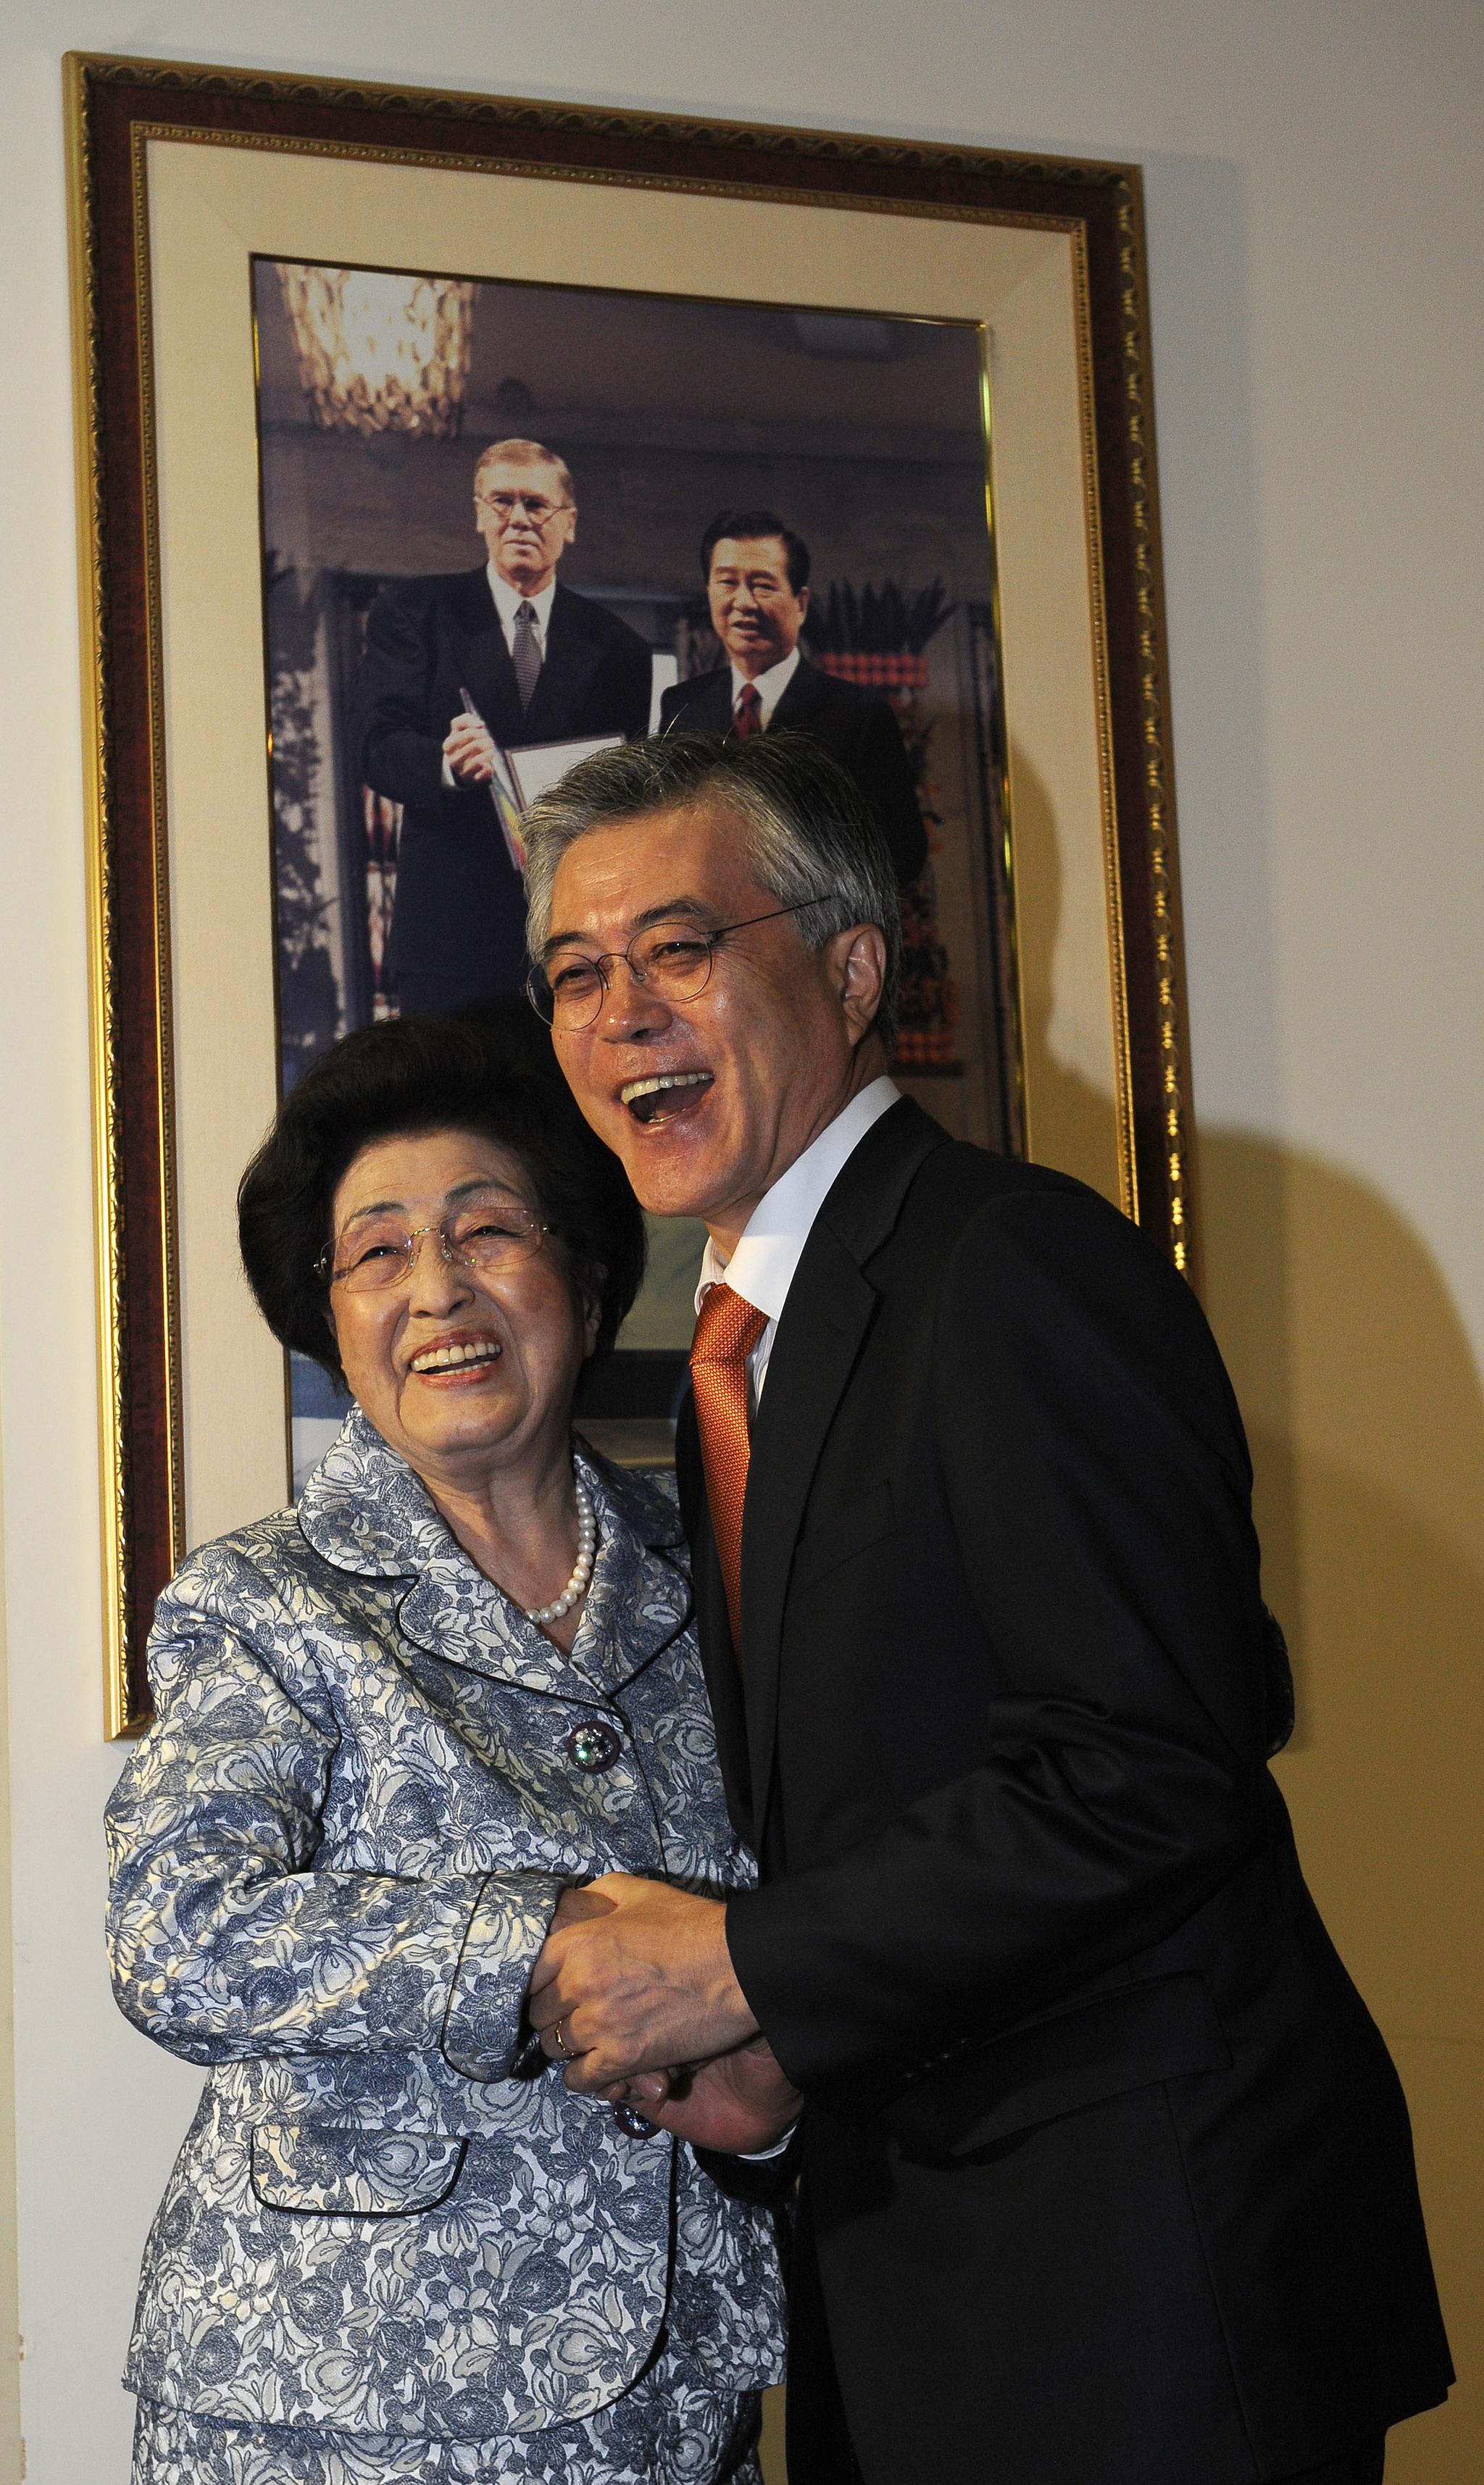 2012년 9월 24일 민주통합당 문재인 대선후보가 24일 오전 김대중 전 대통령의 부인 이희호 여사를 예방해 기념사진을 찍고 있다. [뉴스1]